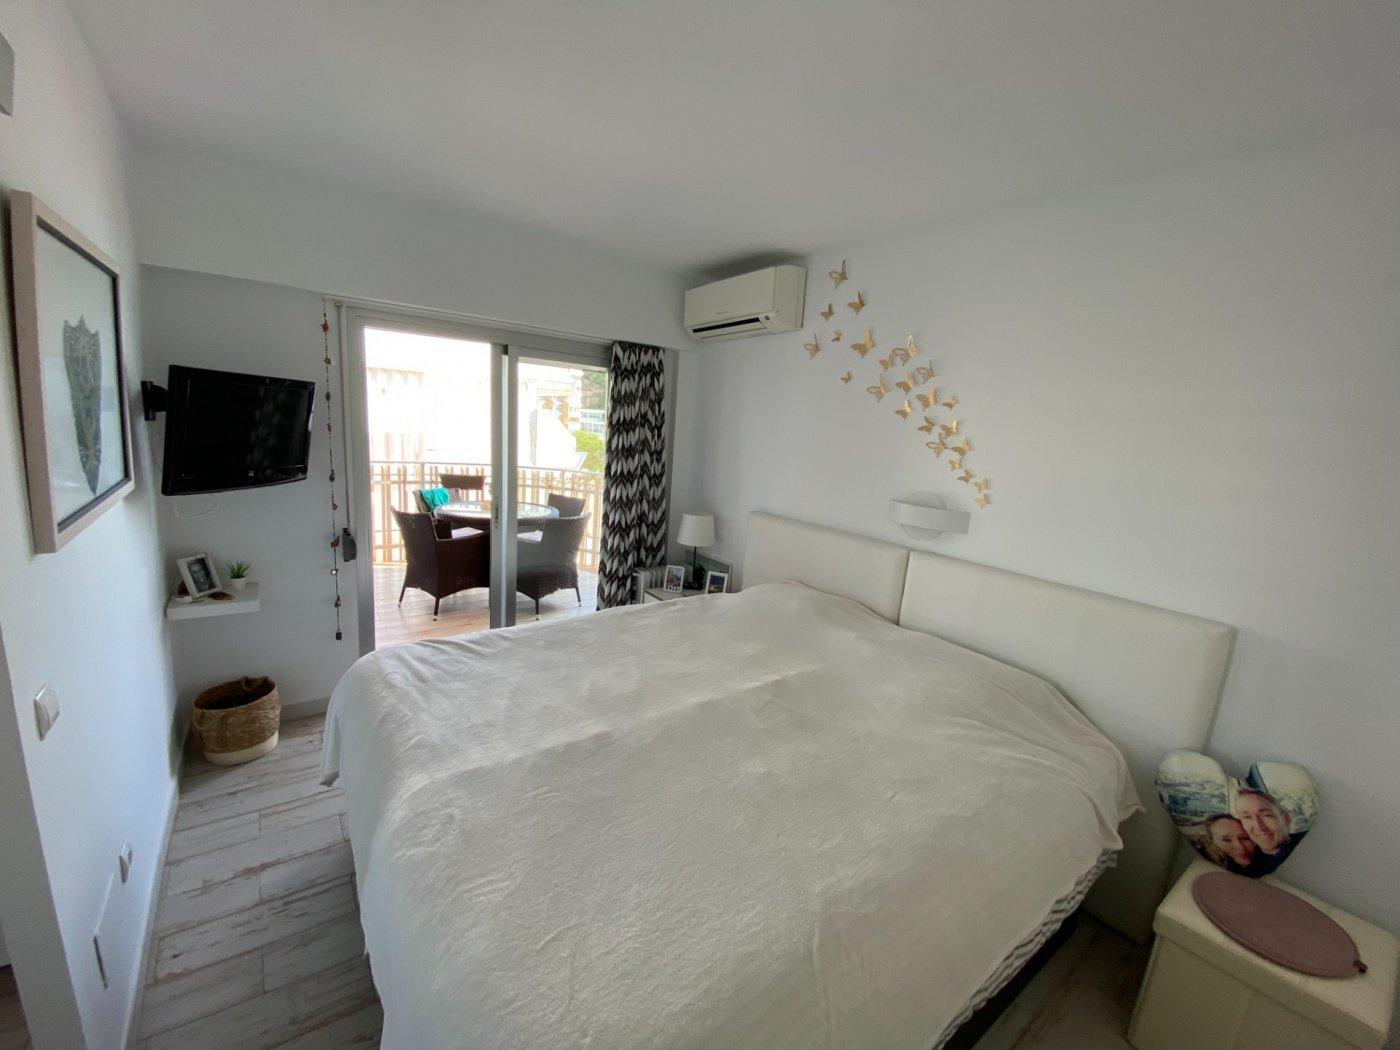 Alquiler con opcion de compra!espectacular apartamento con vistas al mar y parking propio - imagenInmueble24